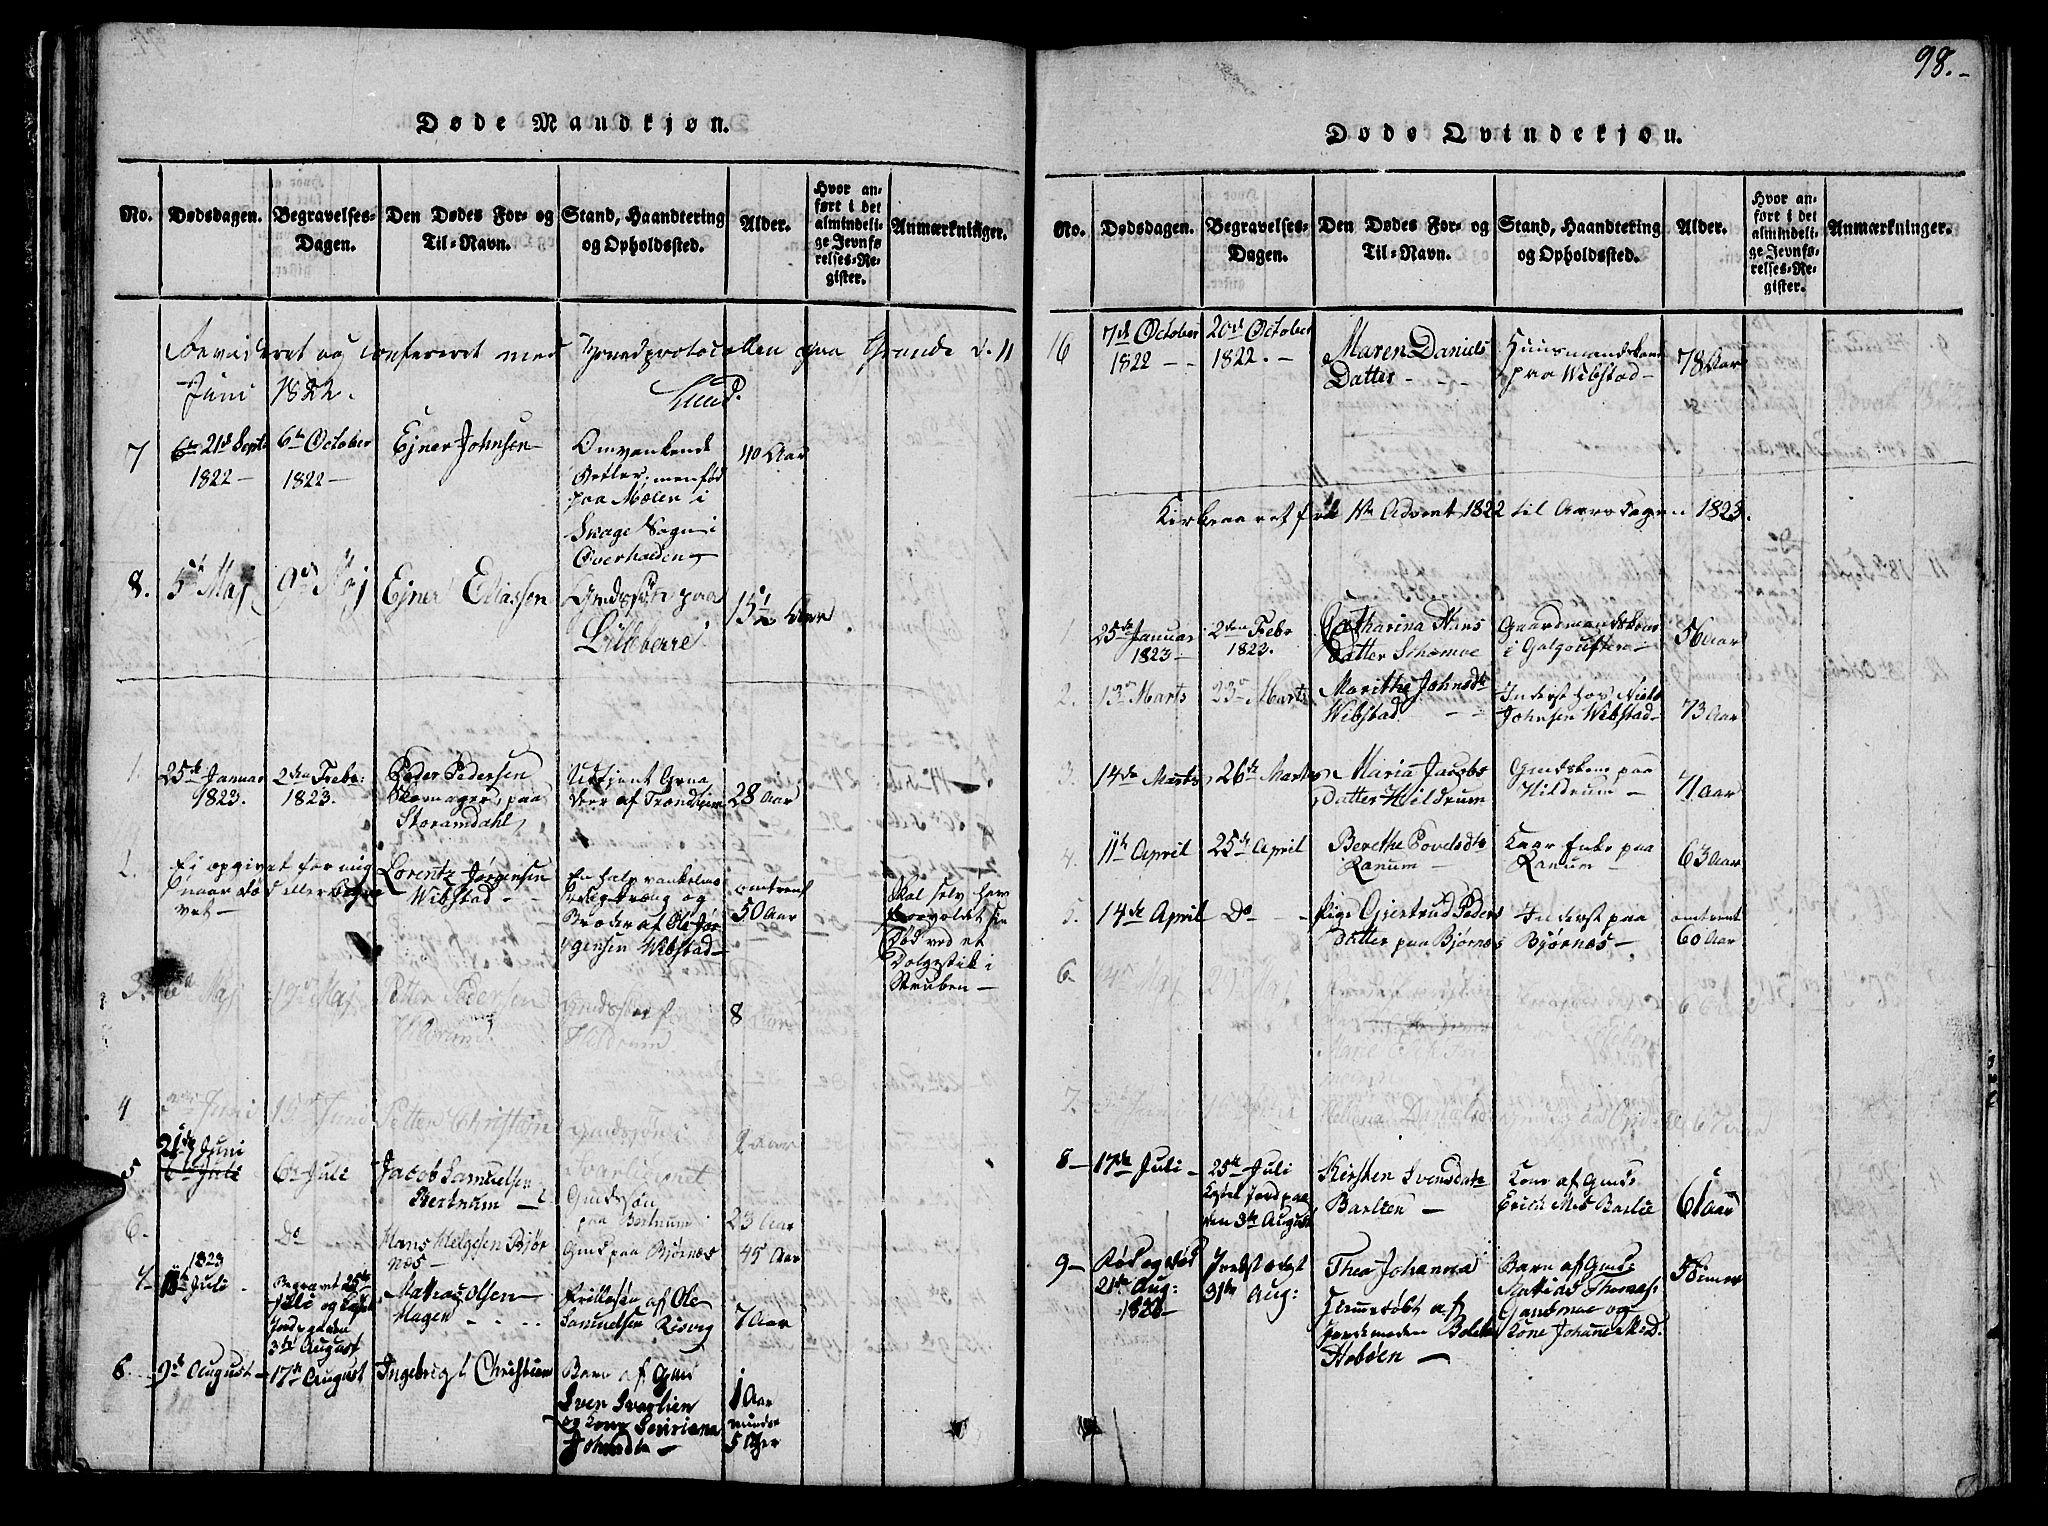 SAT, Ministerialprotokoller, klokkerbøker og fødselsregistre - Nord-Trøndelag, 764/L0559: Klokkerbok nr. 764C01, 1816-1824, s. 98